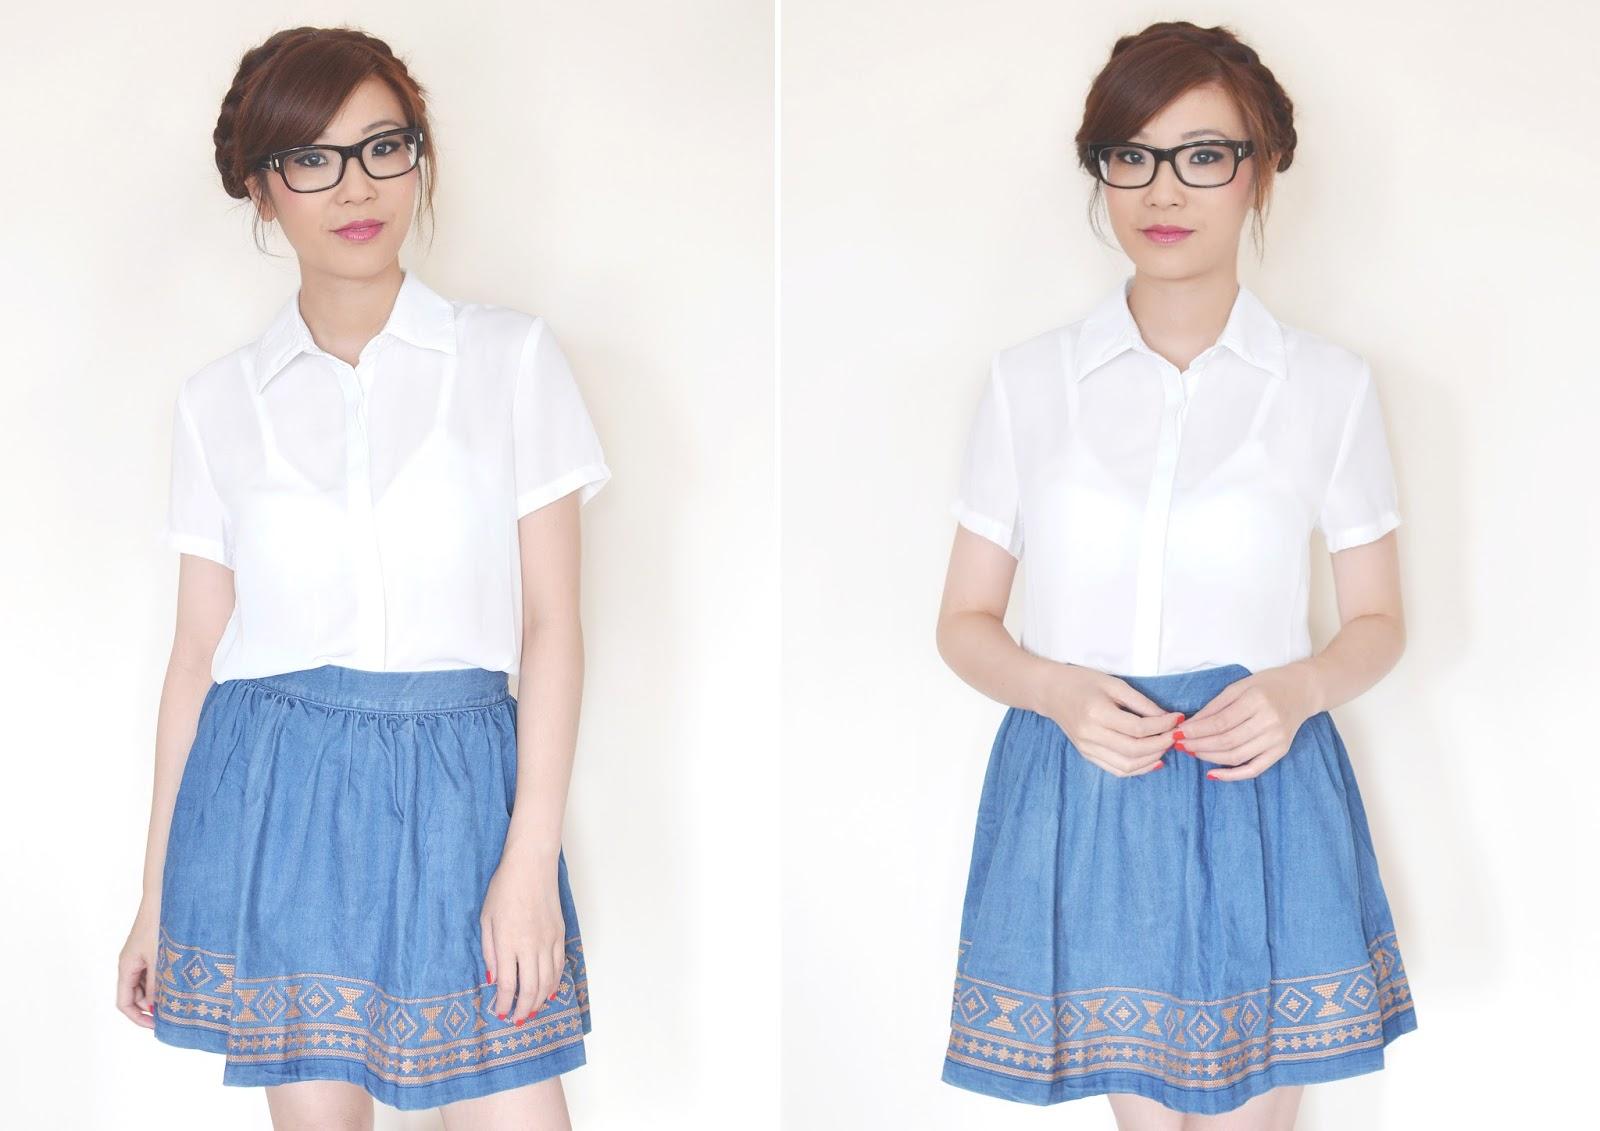 how to style a denim skirt, denim skater skirt